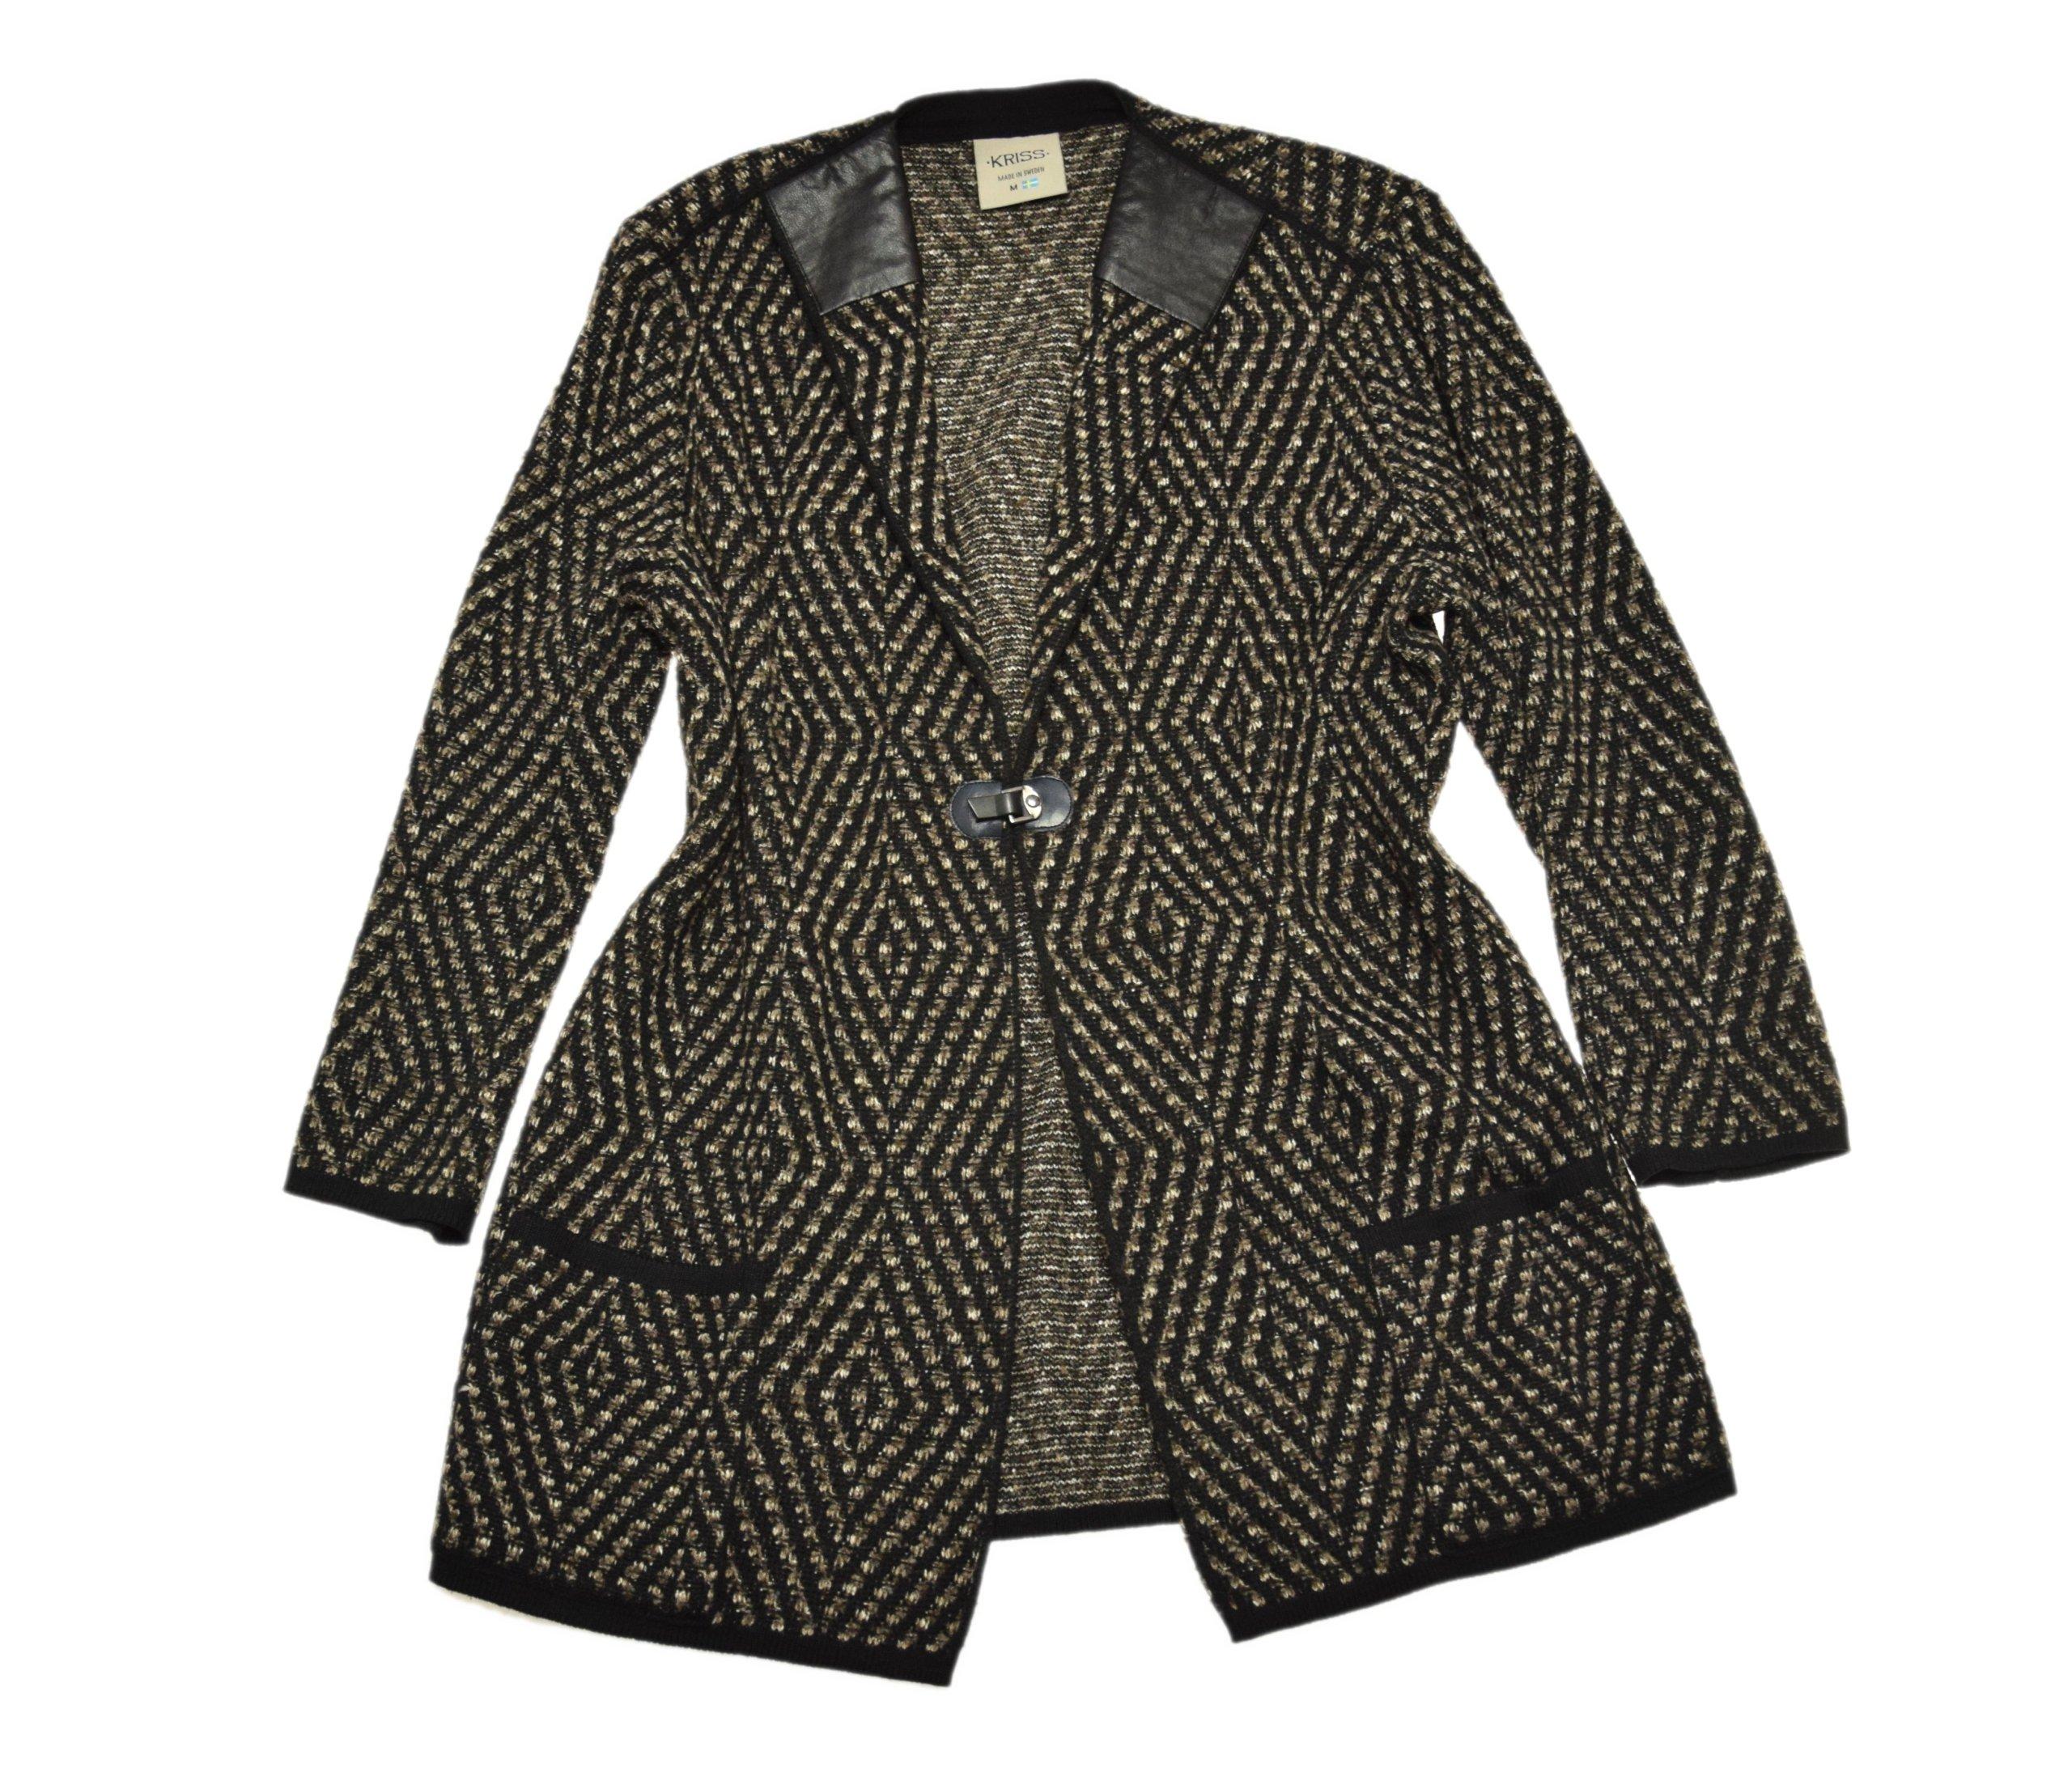 d50feb7c208c5f Sweter Wstawki Patterns Eco M Kriss Narzutka Skóra 7271067767 q5txBnT